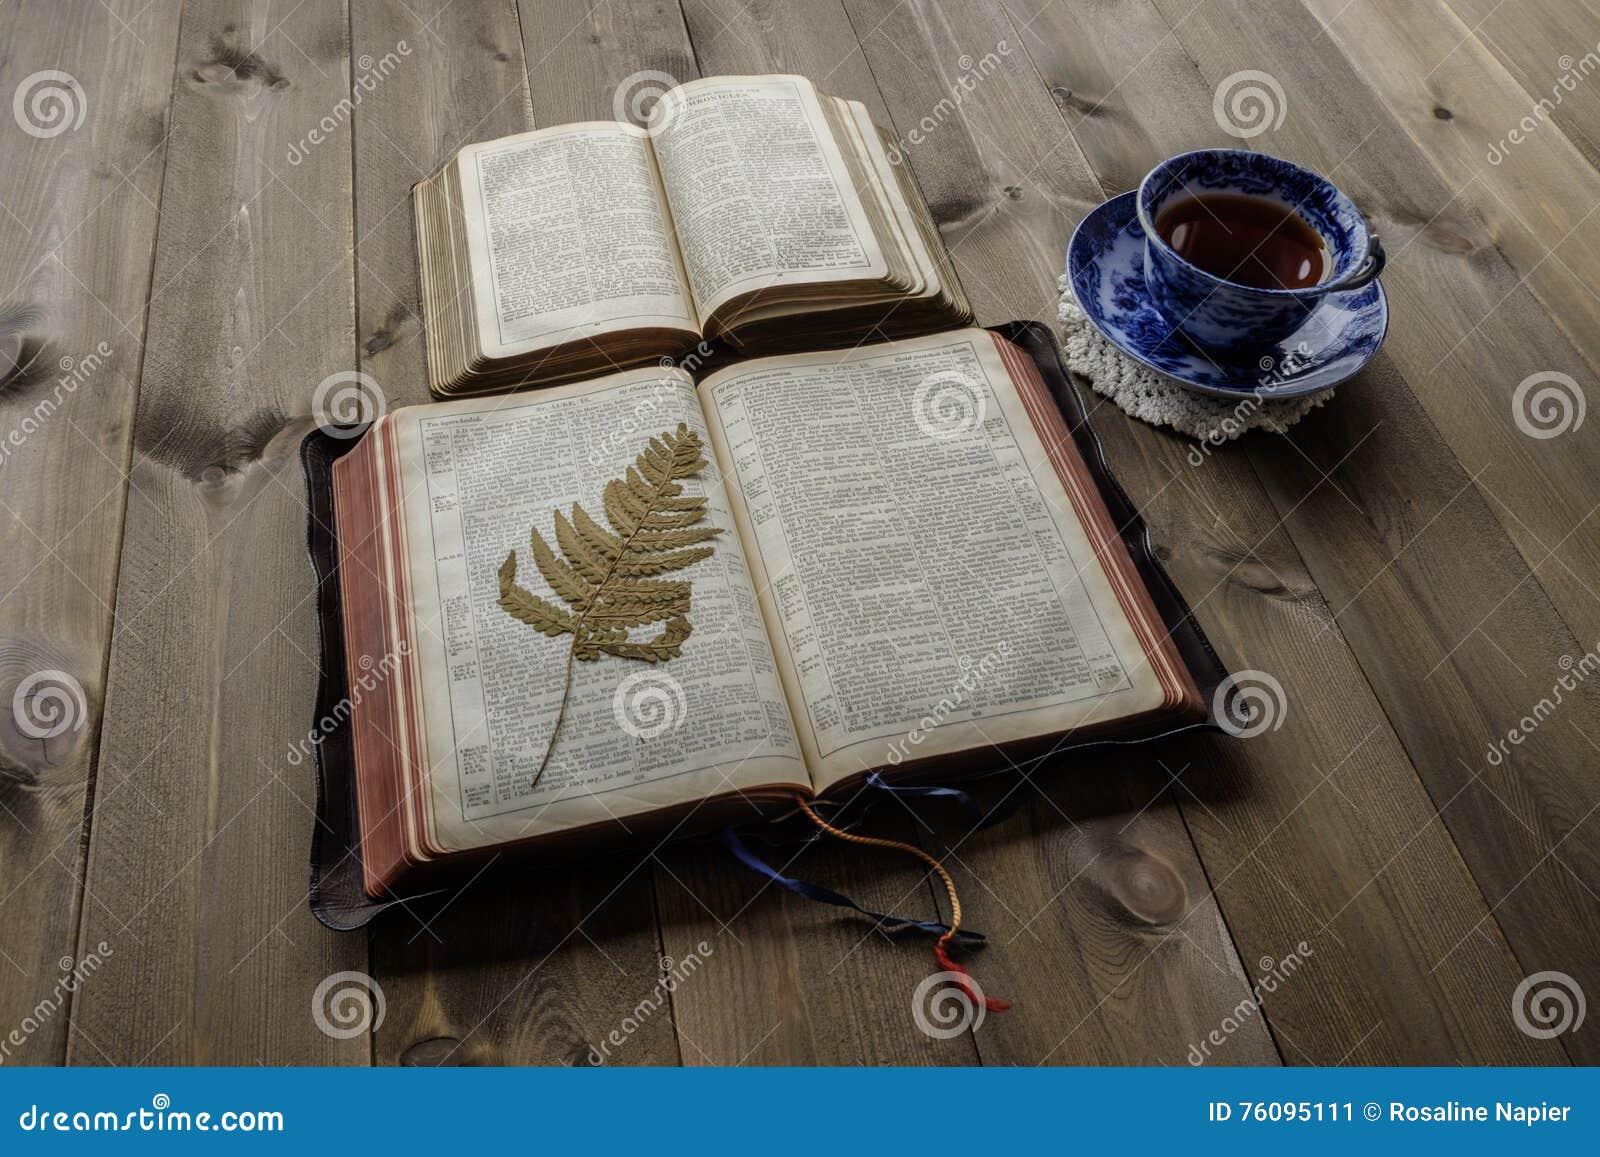 Dos Biblias Y Tazas Abiertas De Té Imagen De Archivo Imagen De